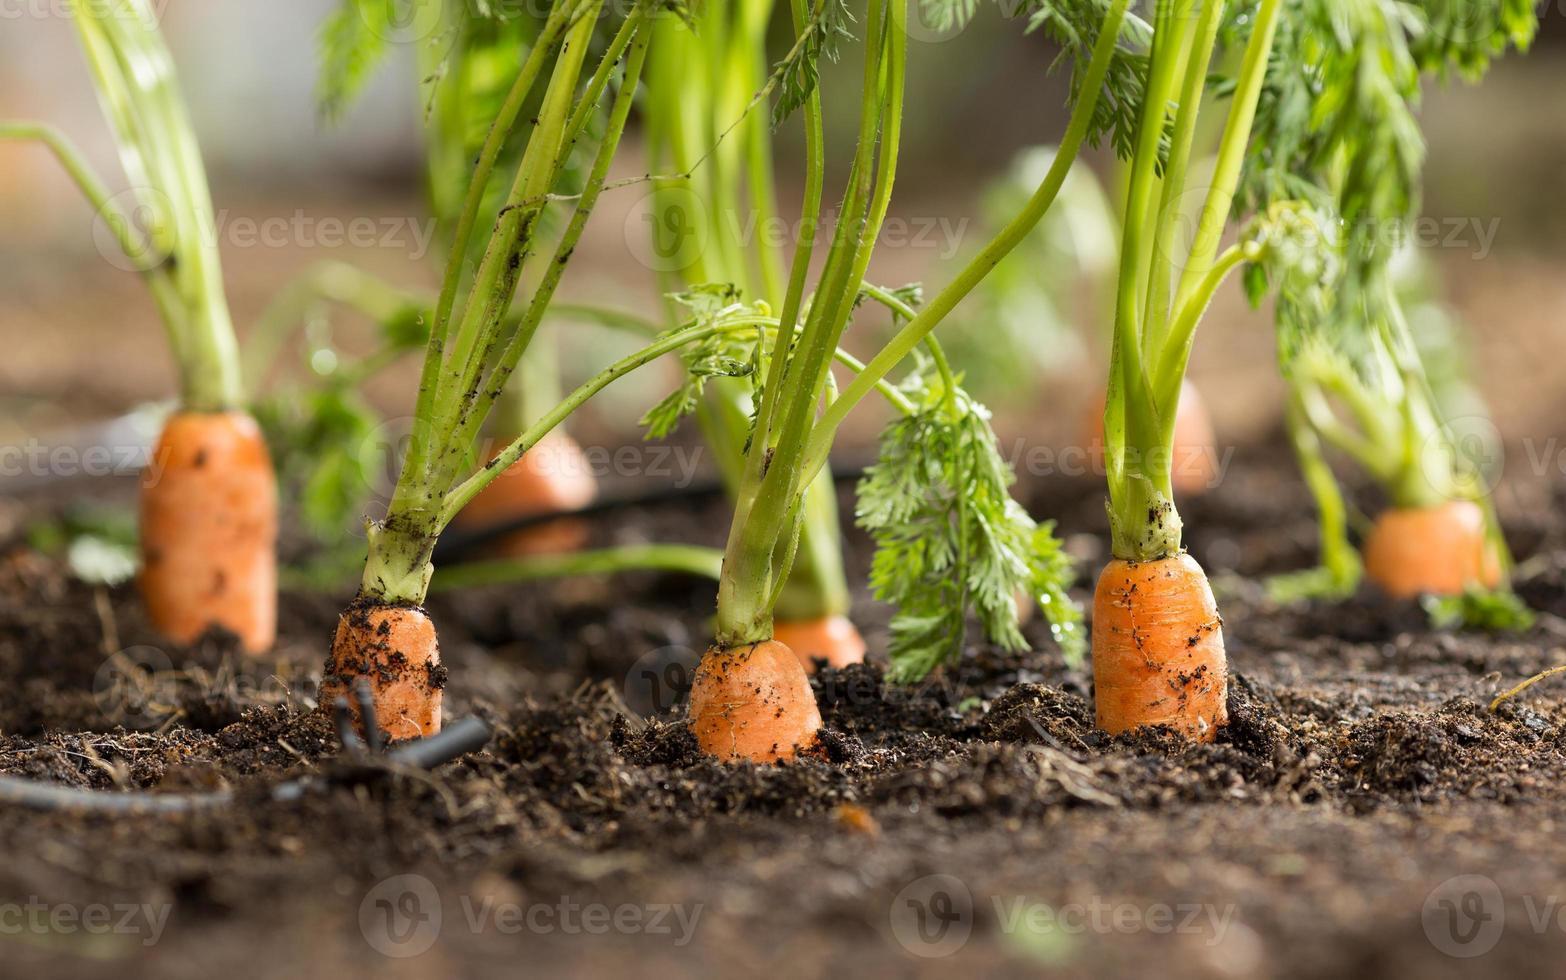 zanahorias foto